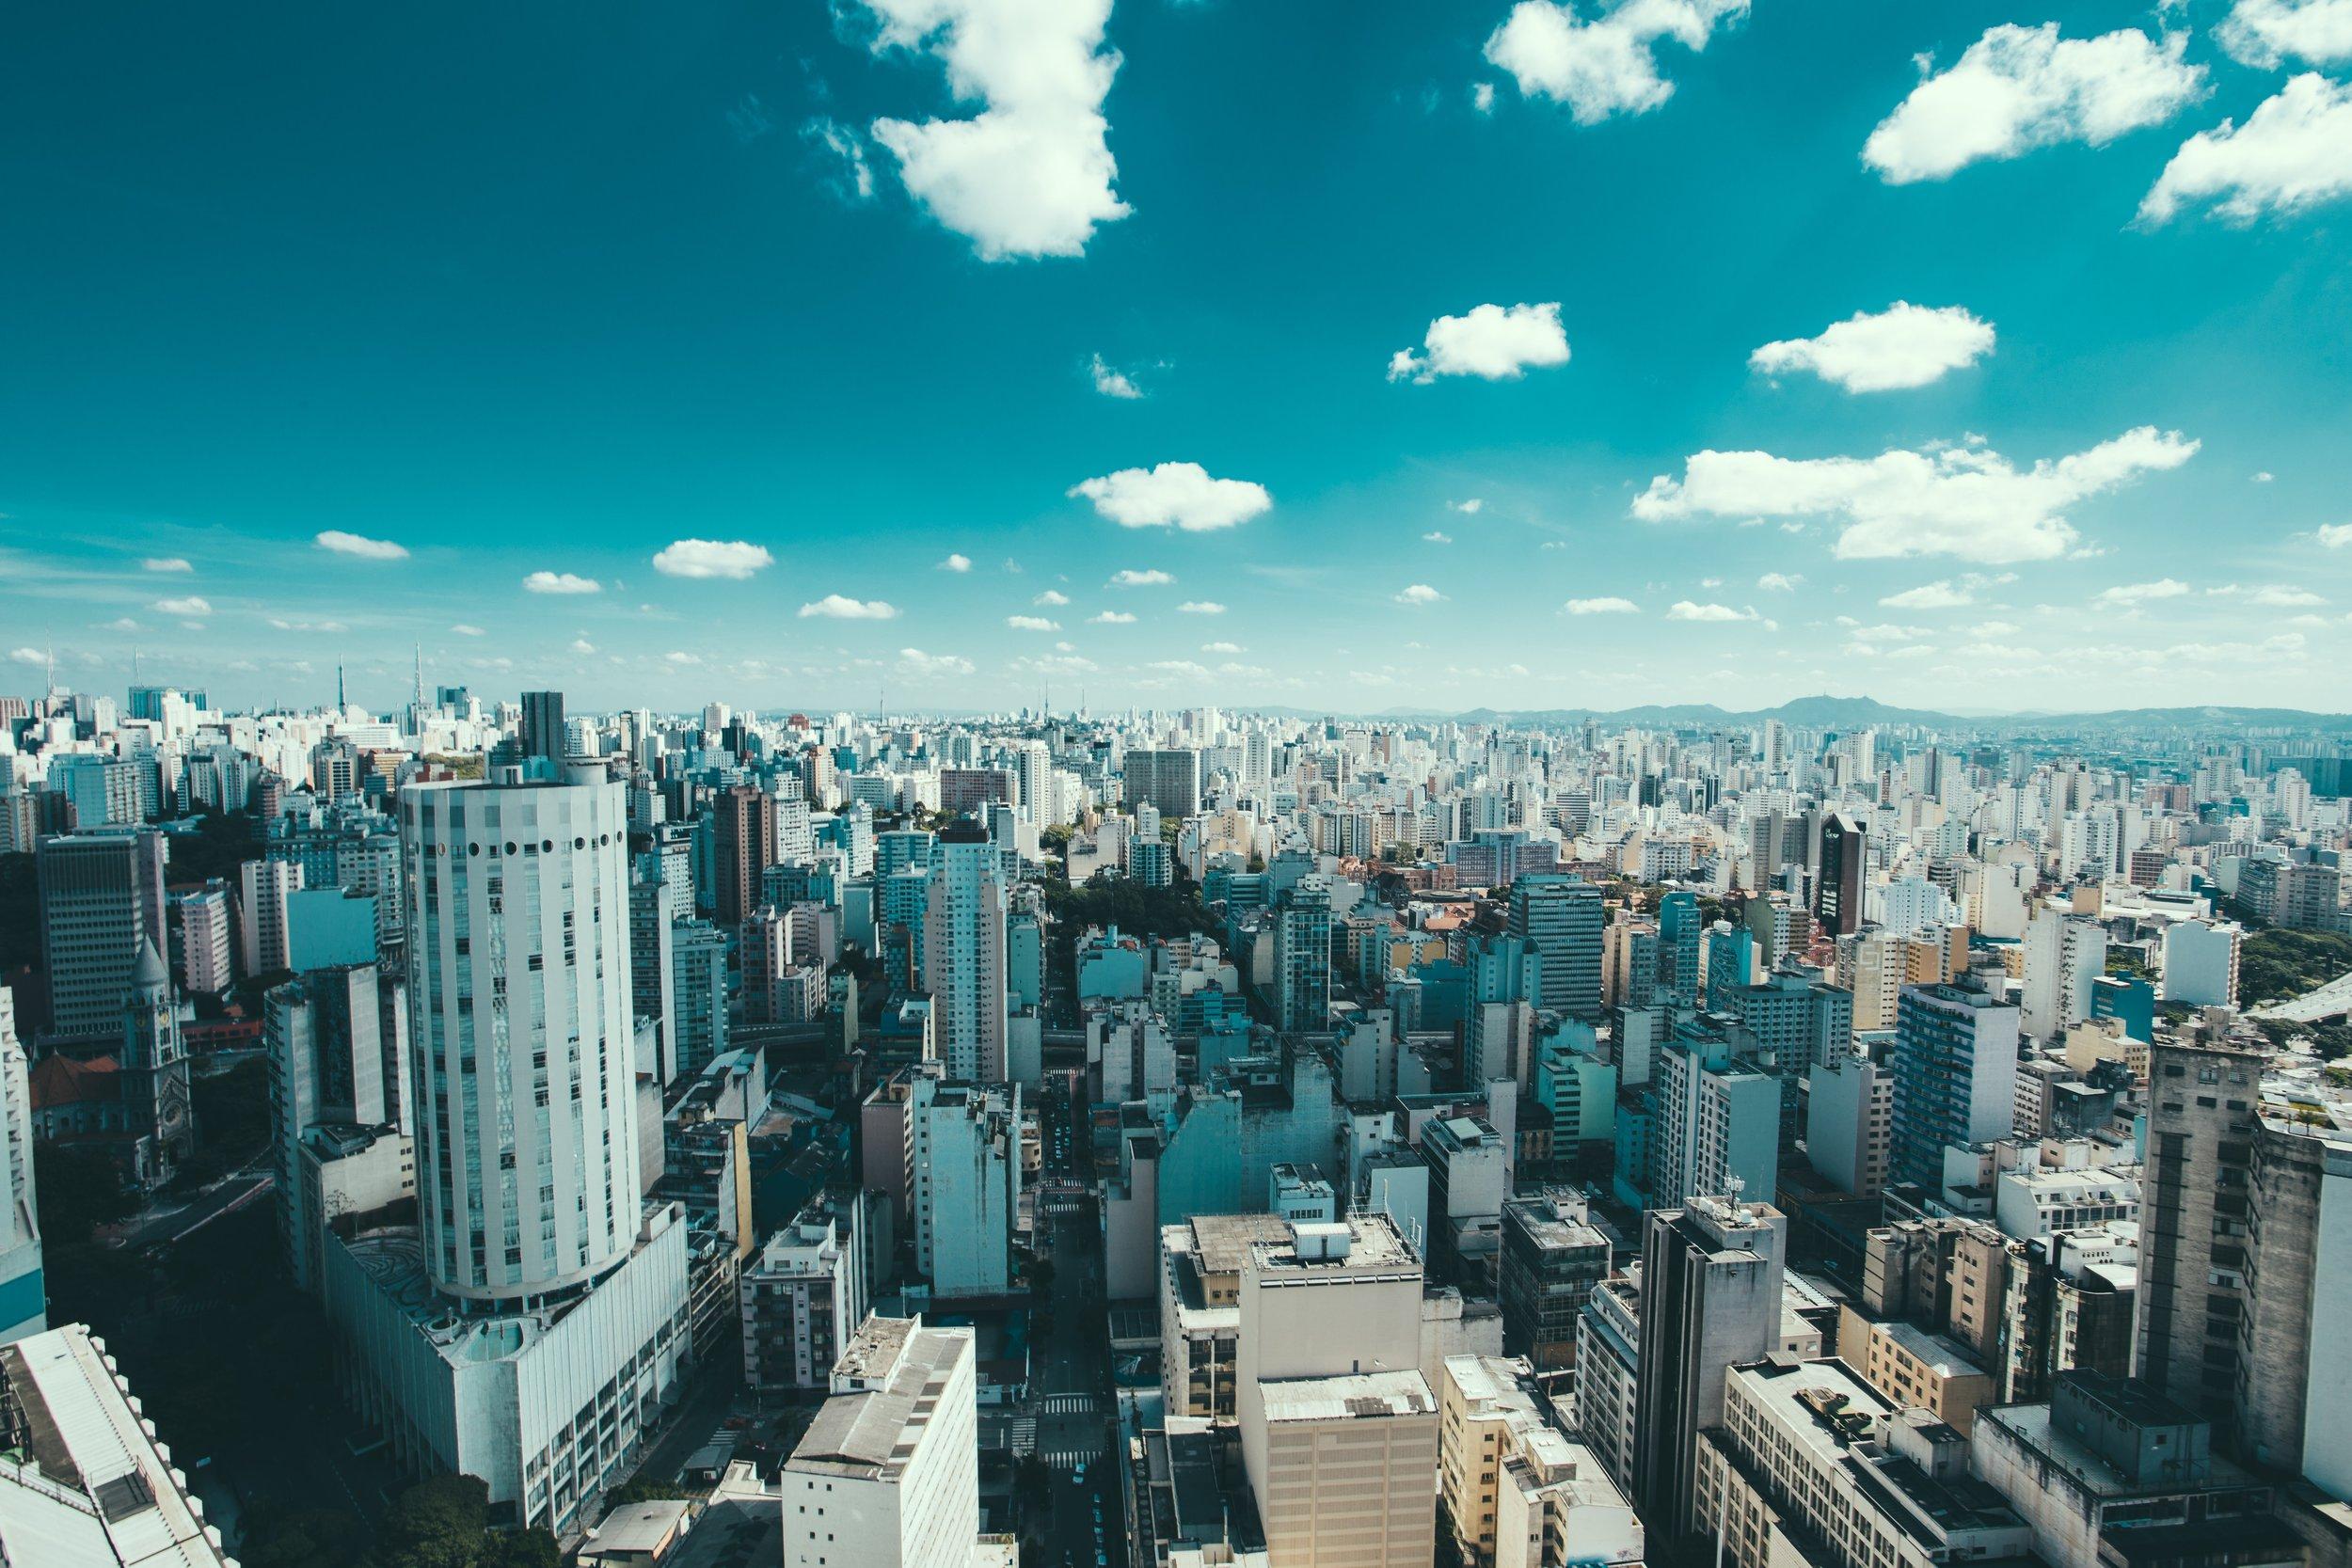 brazil-buildings-city-97906.jpg